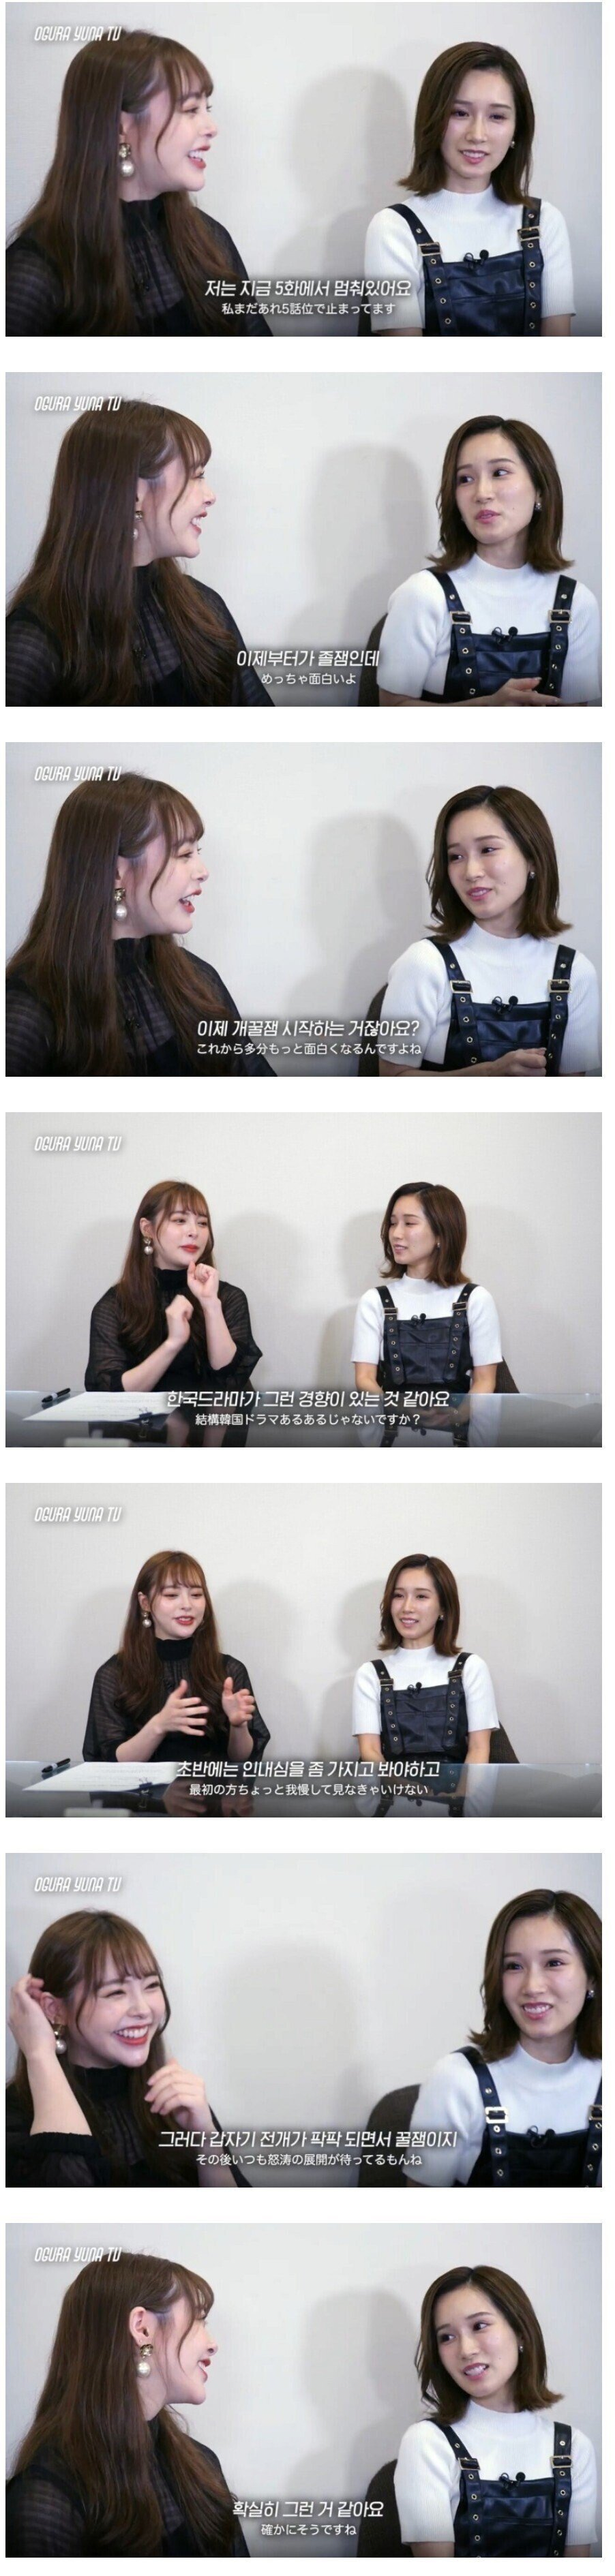 AV배우가 말하는 한국드라마 특징